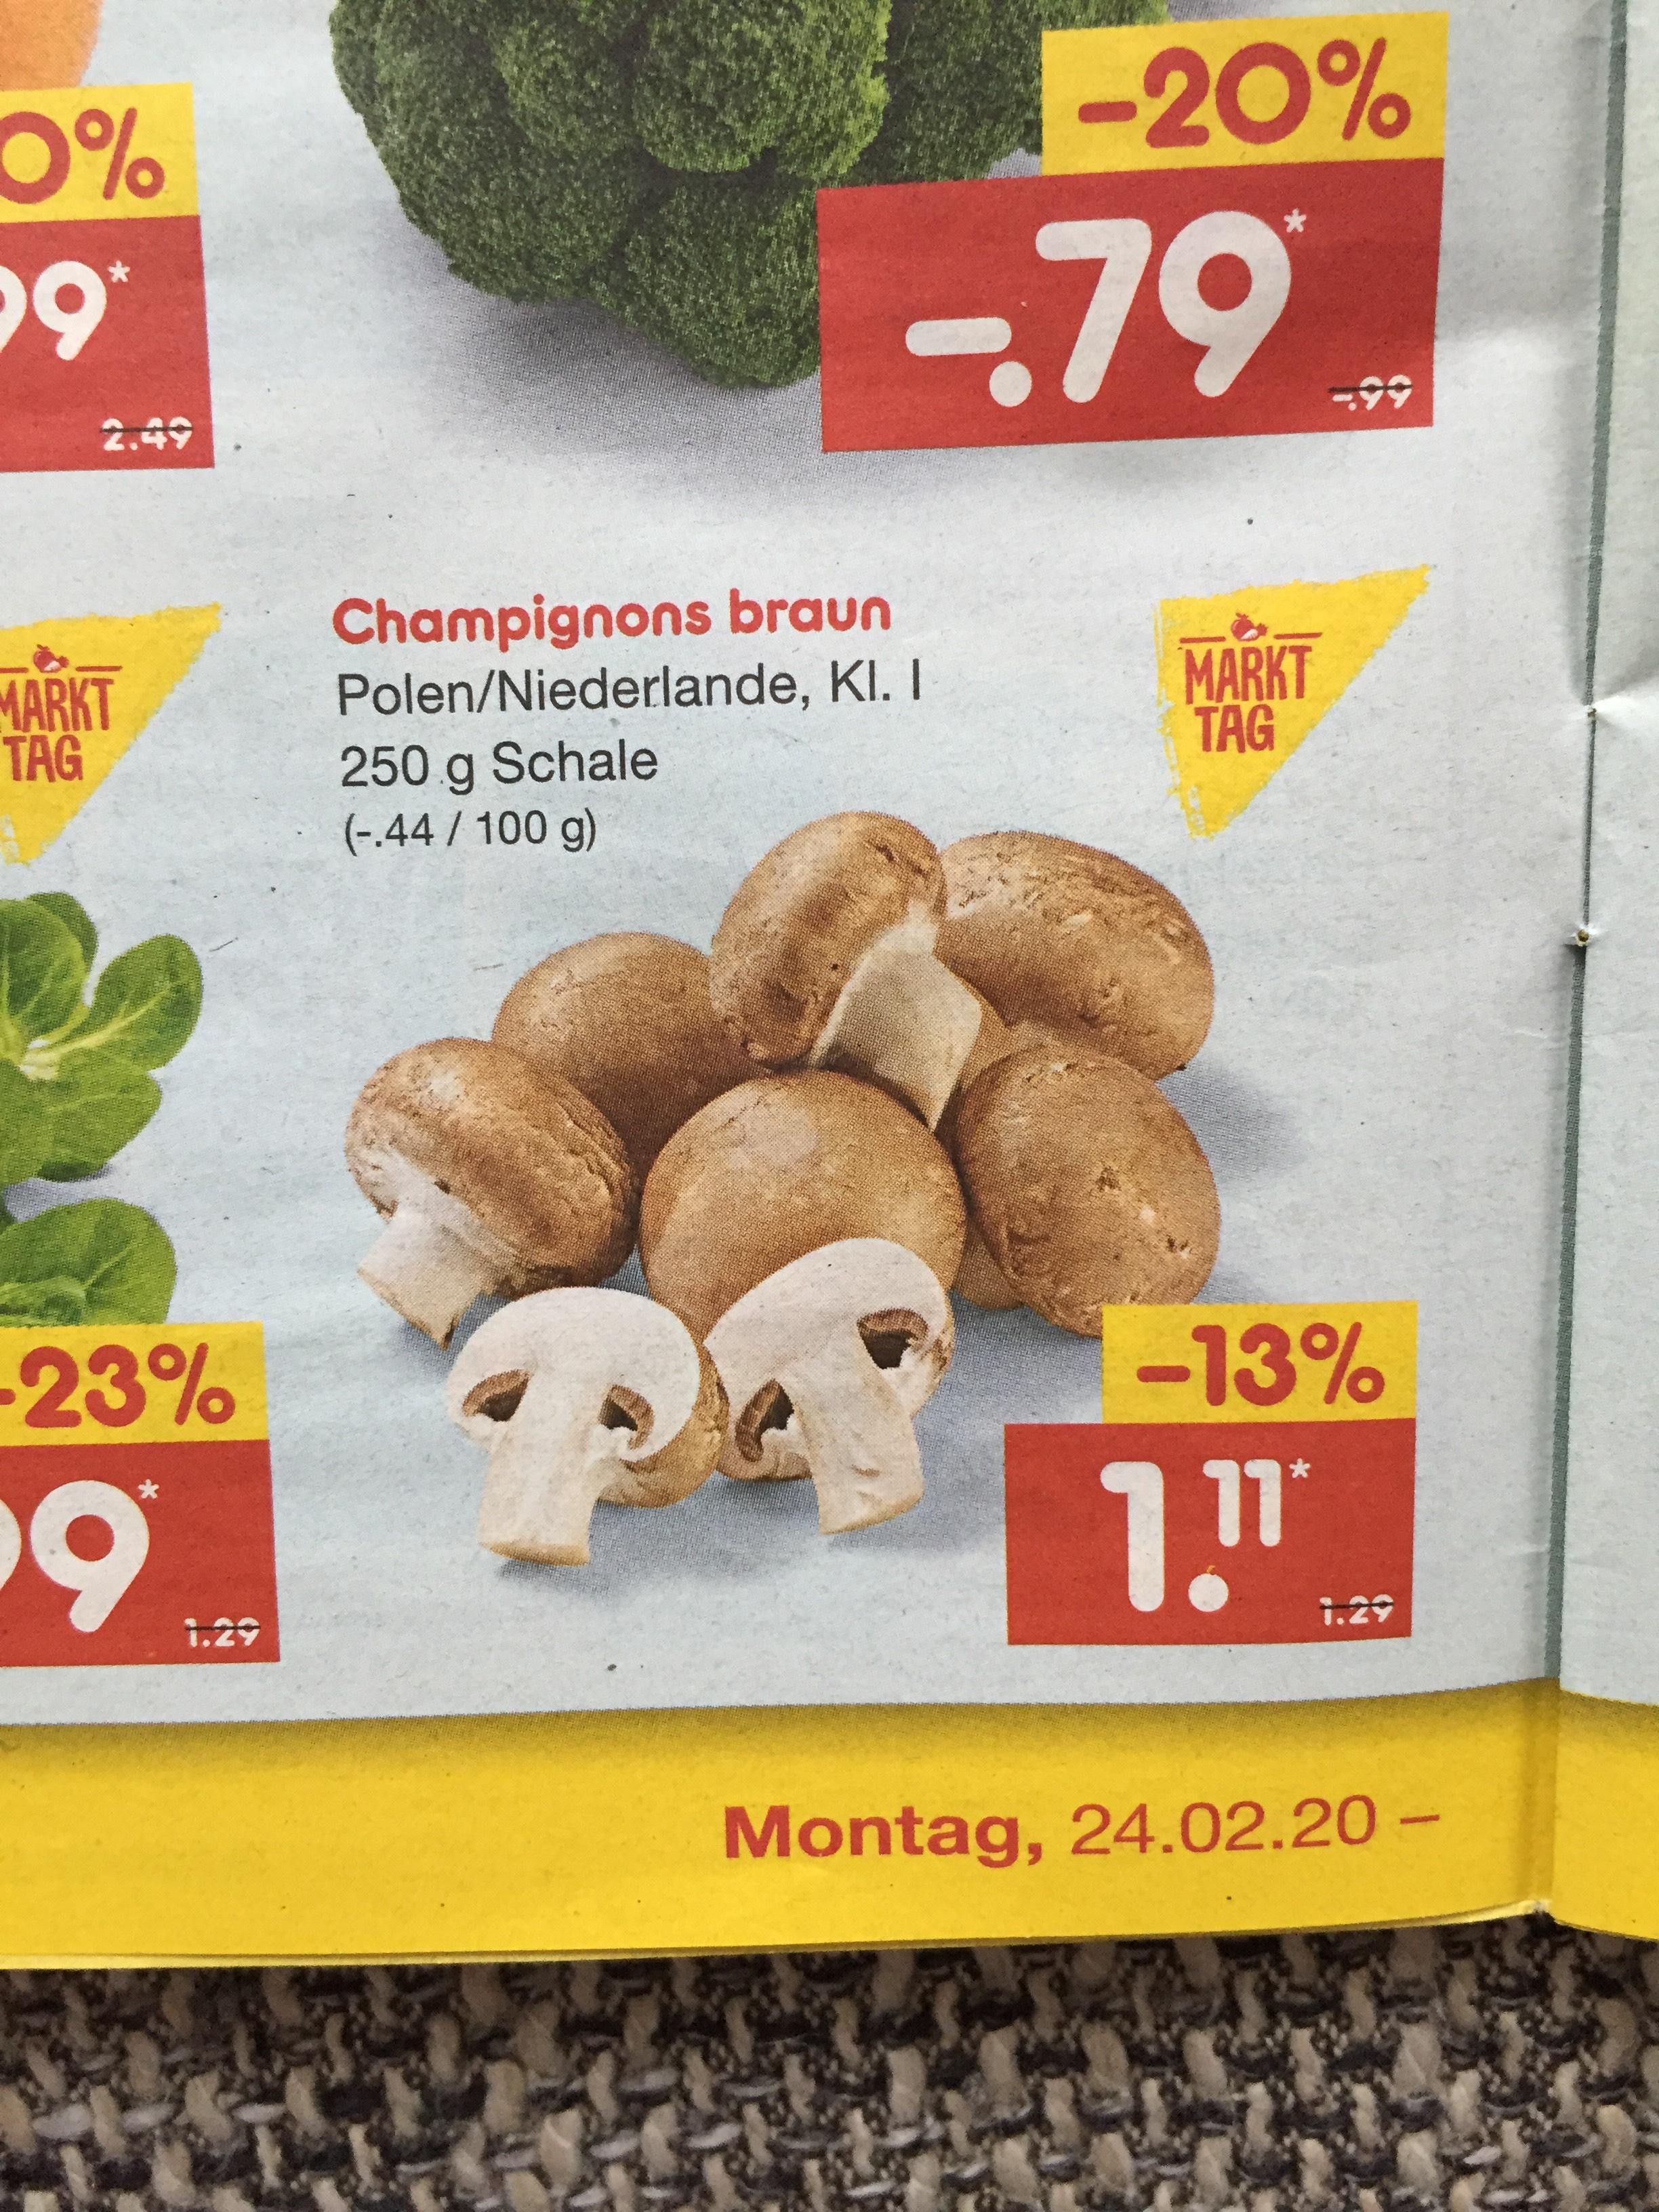 ~Netto MD/ReweCenter~ Champignons im Angebot und Marktguru gibt 0,35€ Cashback